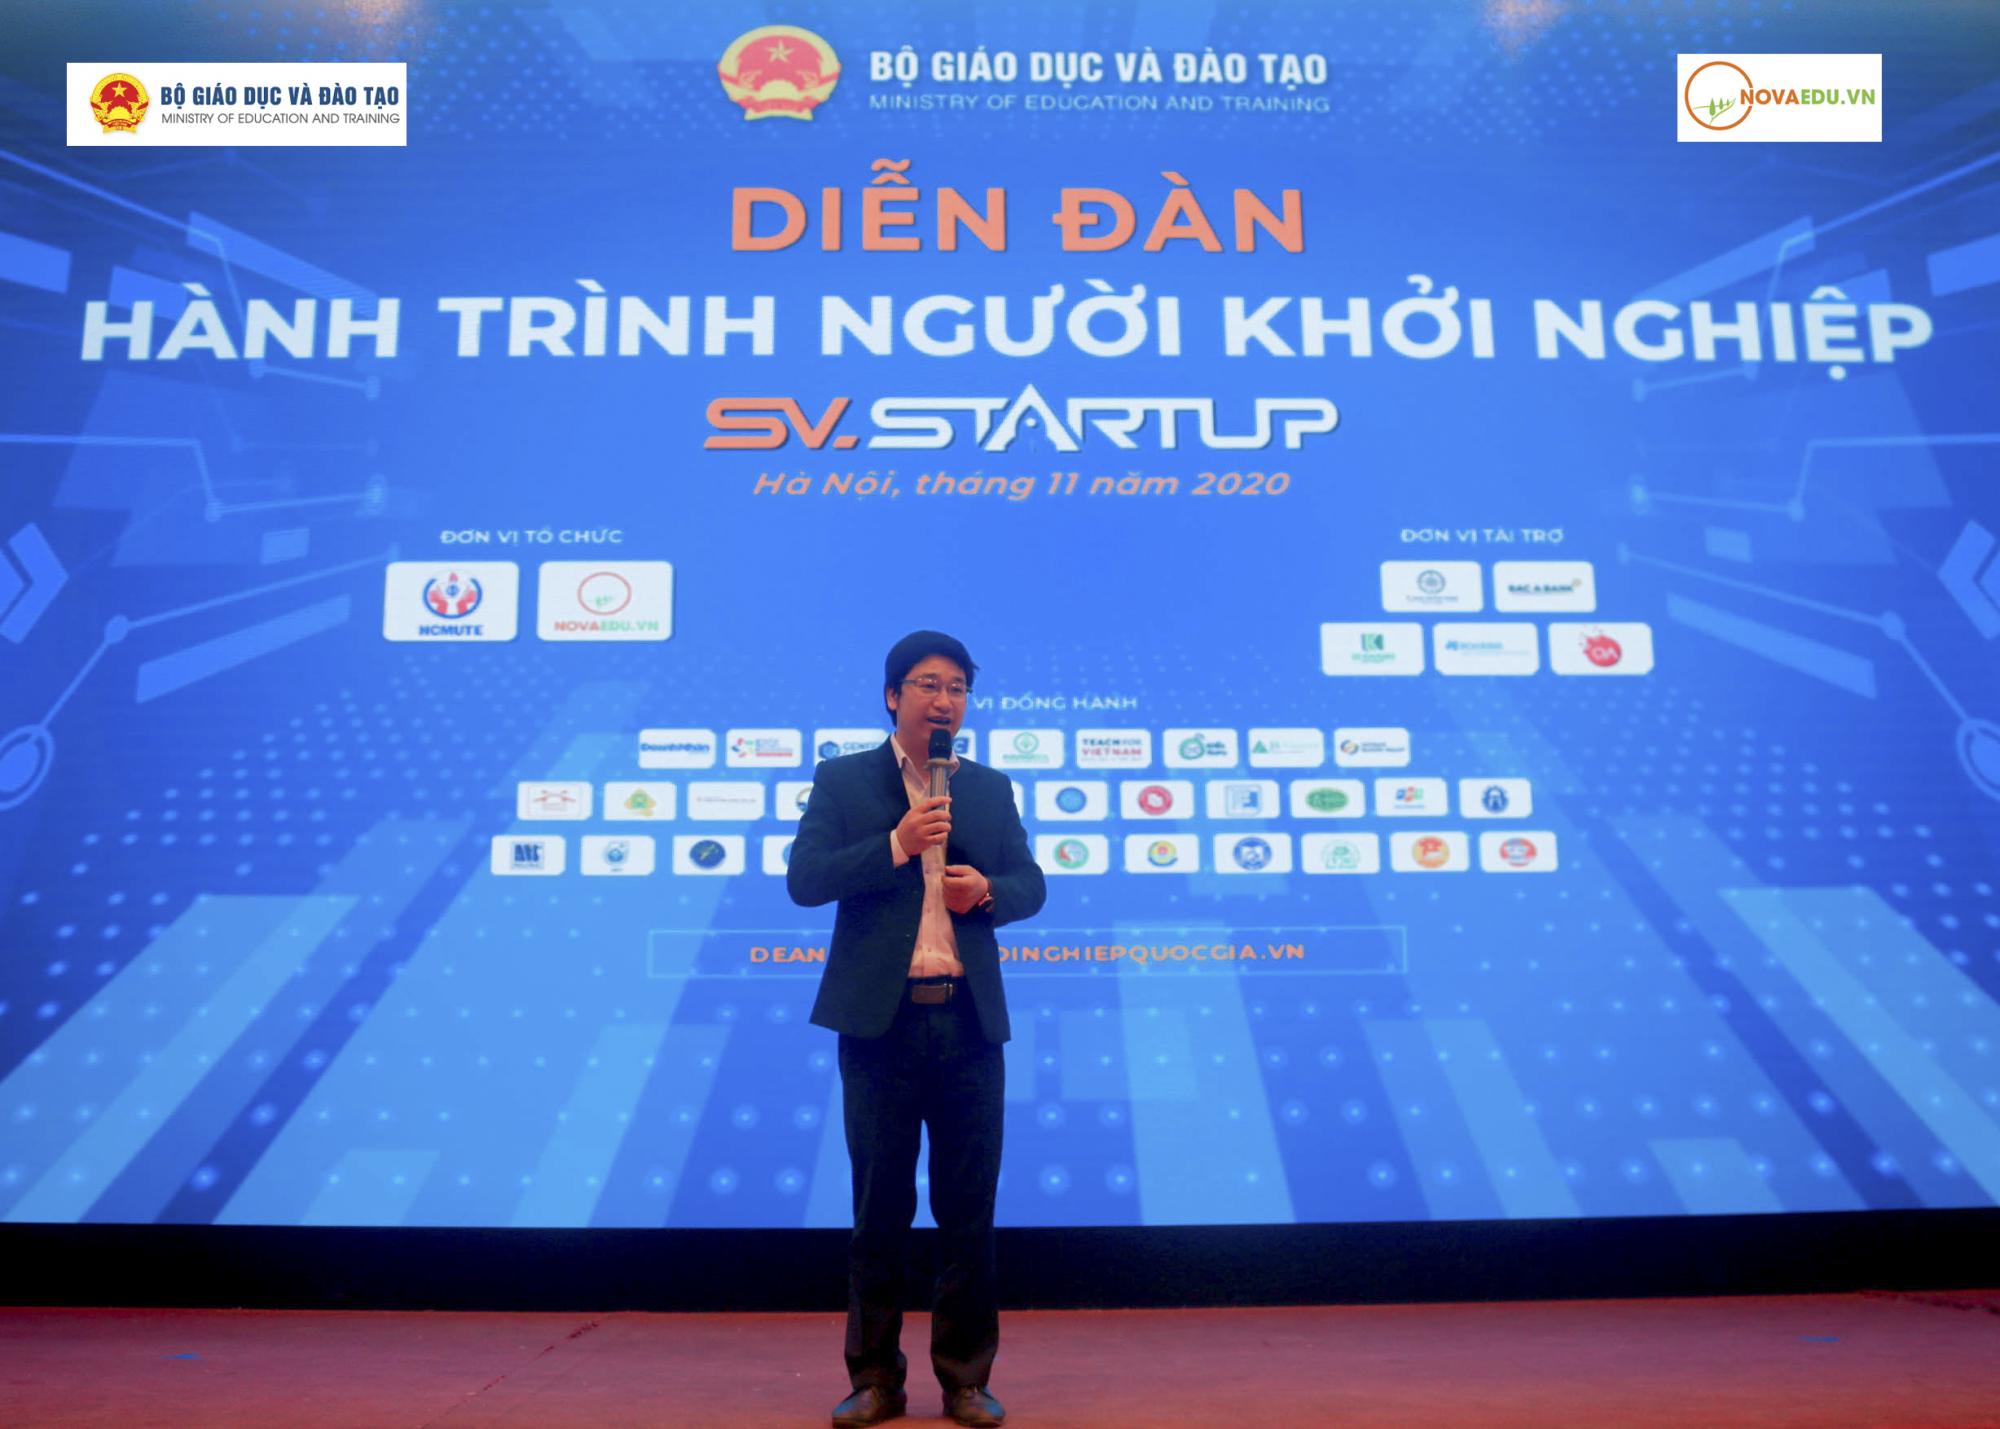 Ông Đỗ Mạnh Hùng – Chủ tịch HĐQT kiêm Tổng Giám đốc Novaedu chia sẻ tại diễn đàn